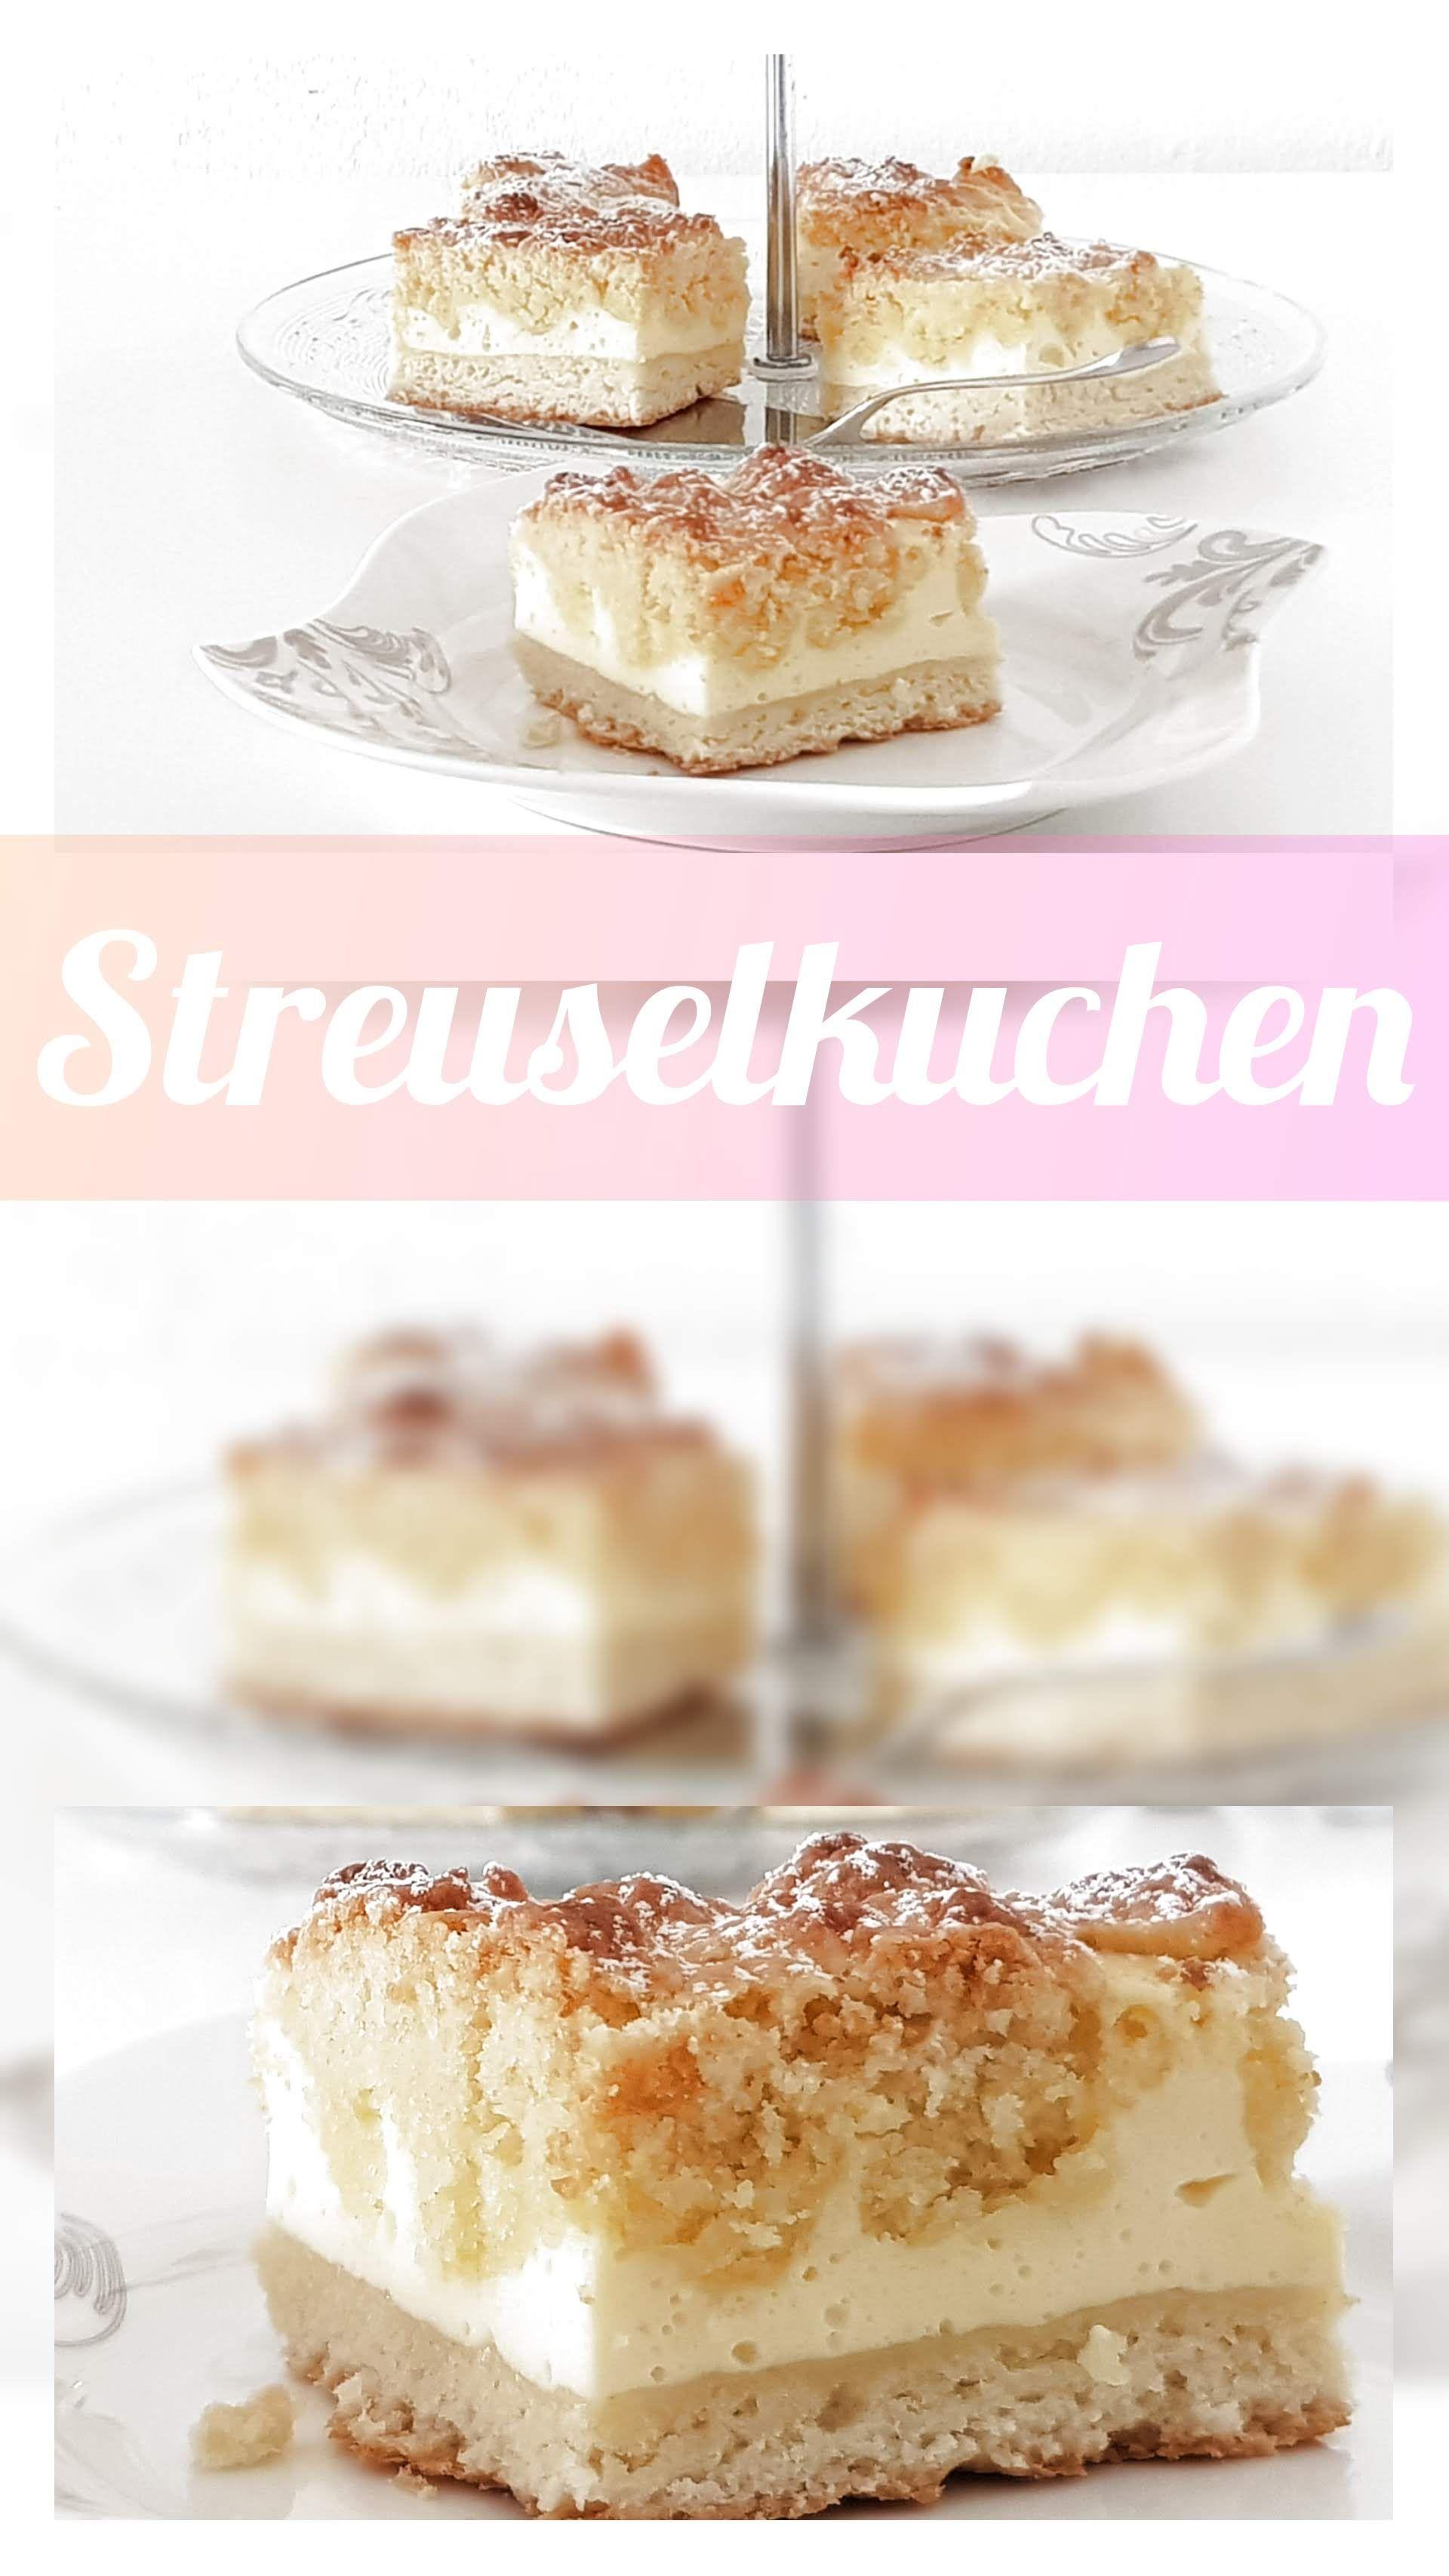 Streuselkuchen Mit Birkenzucker Streusel Kuchen Birkenzucker Kuchen